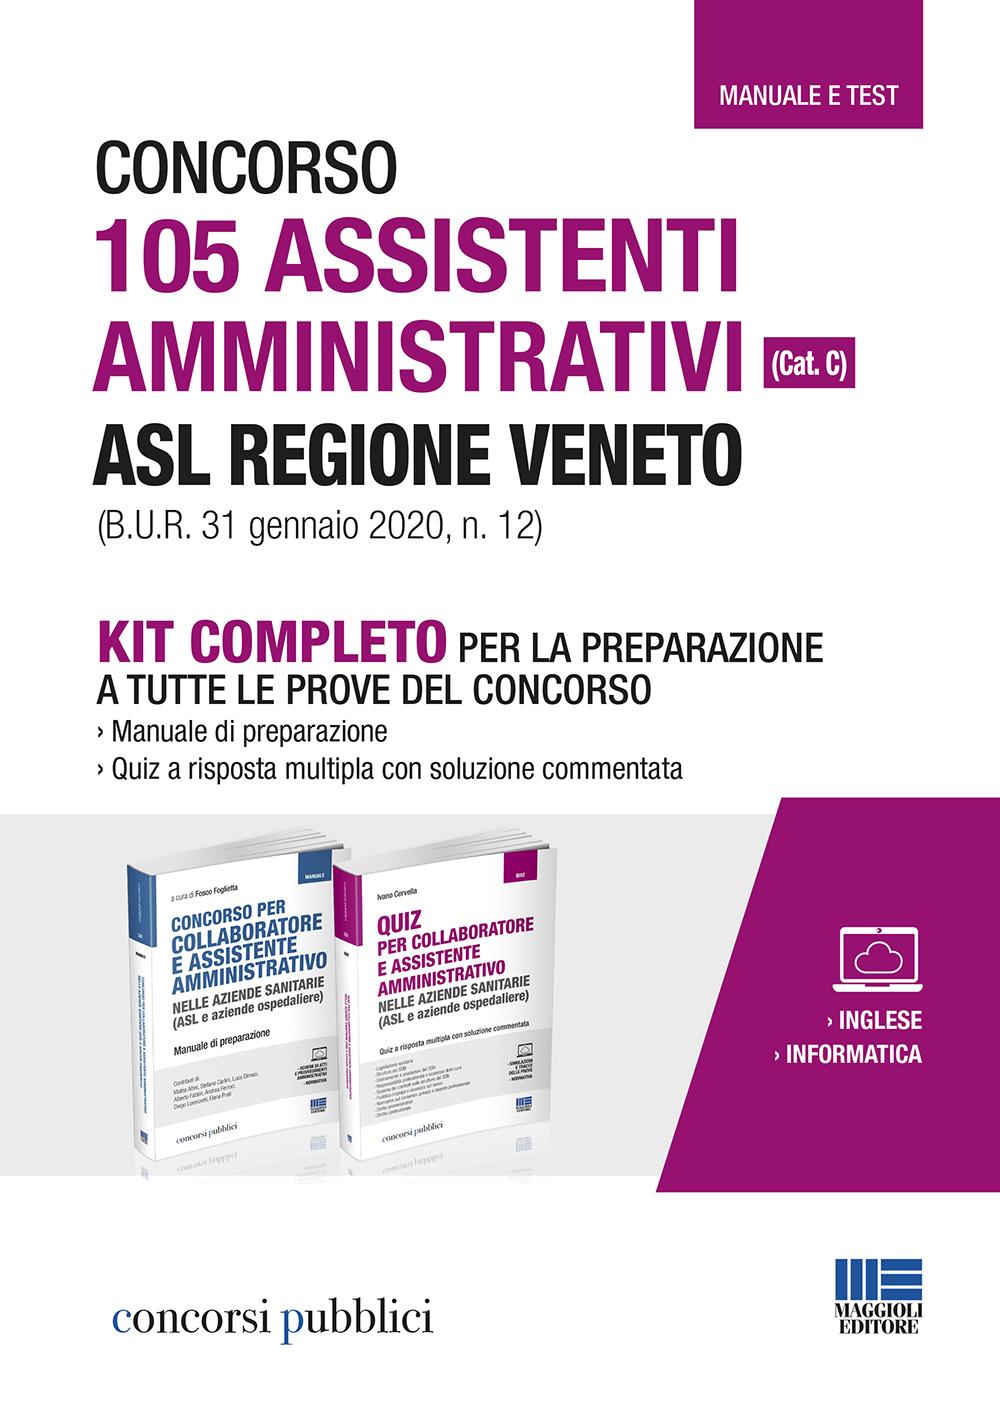 Concorso 105 Assistenti amministrativi ASL  Veneto